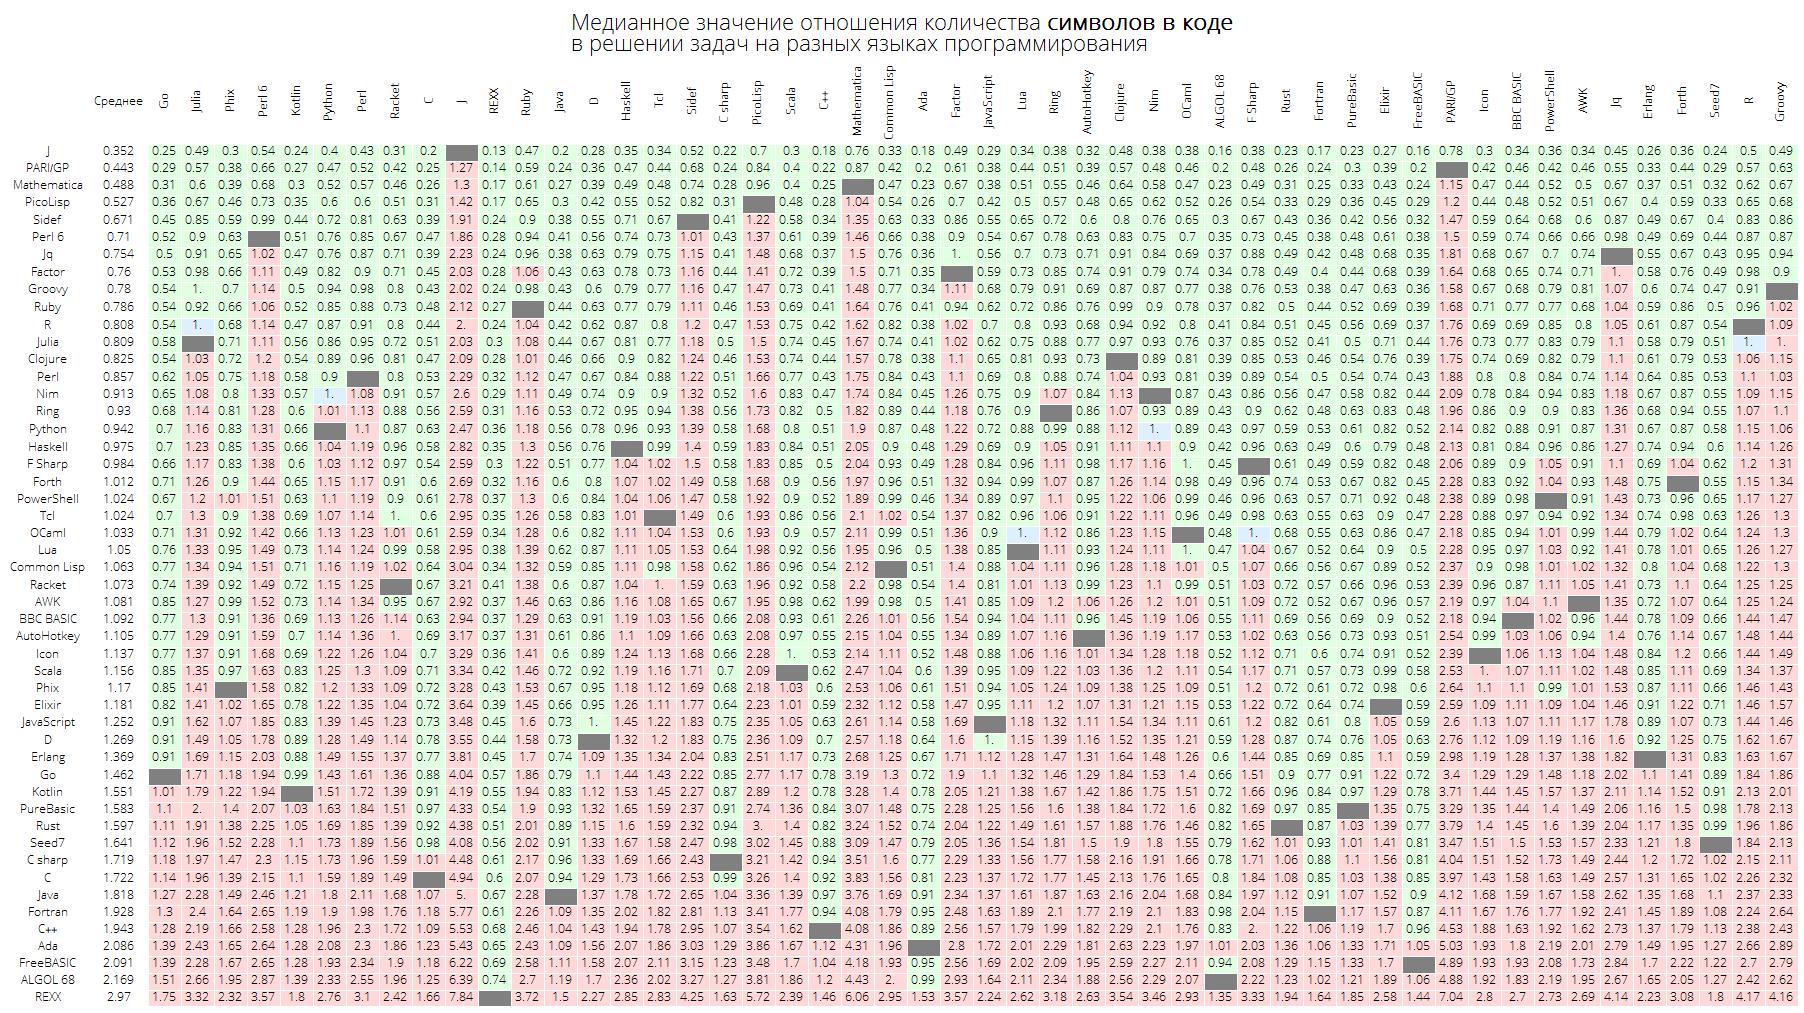 Розеттский код: измеряем длину кода в огромном количестве языков программирования, изучаем близость языков между собой - 27